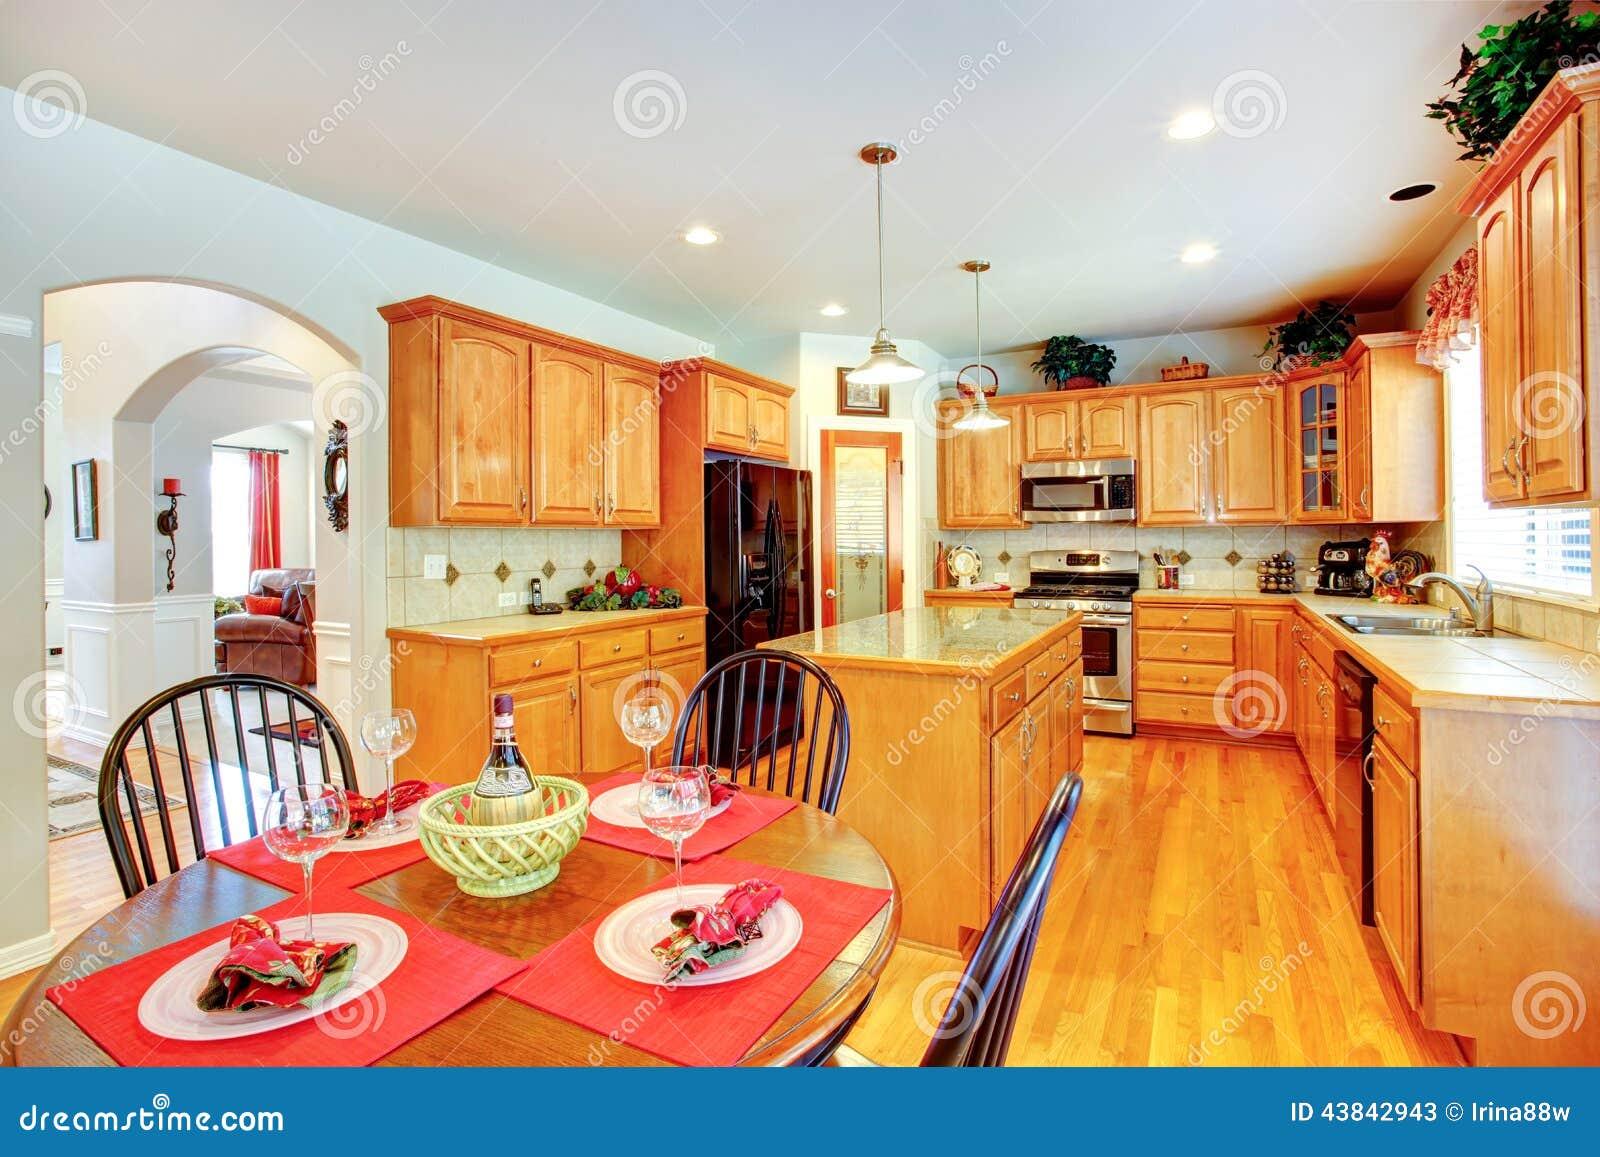 Int rieur de pi ce de cuisine dans la maison de luxe photo for Interieur luxe maison